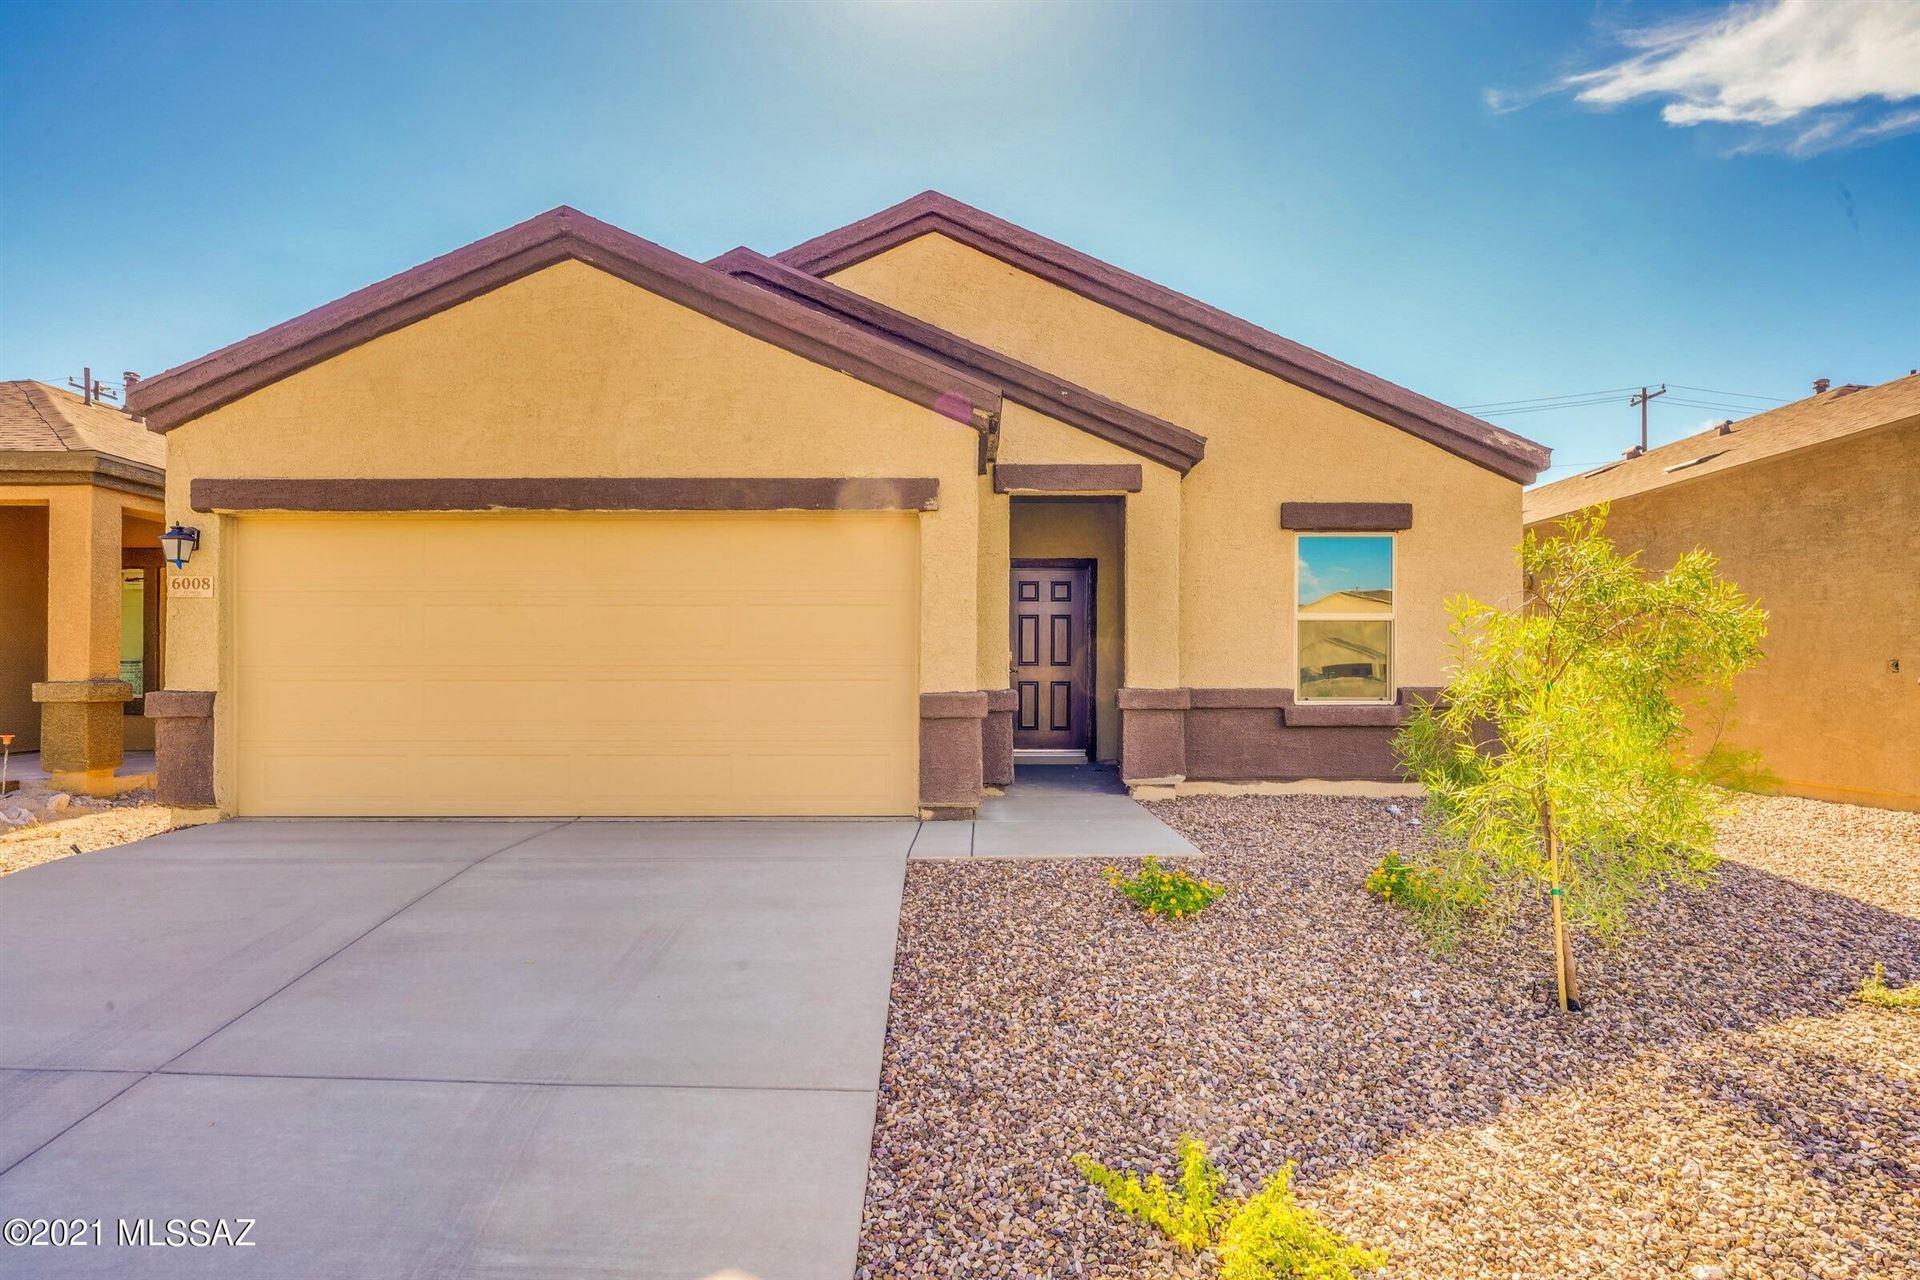 6008 S Avenida Dunas, Tucson, AZ 85706 - MLS#: 22119763